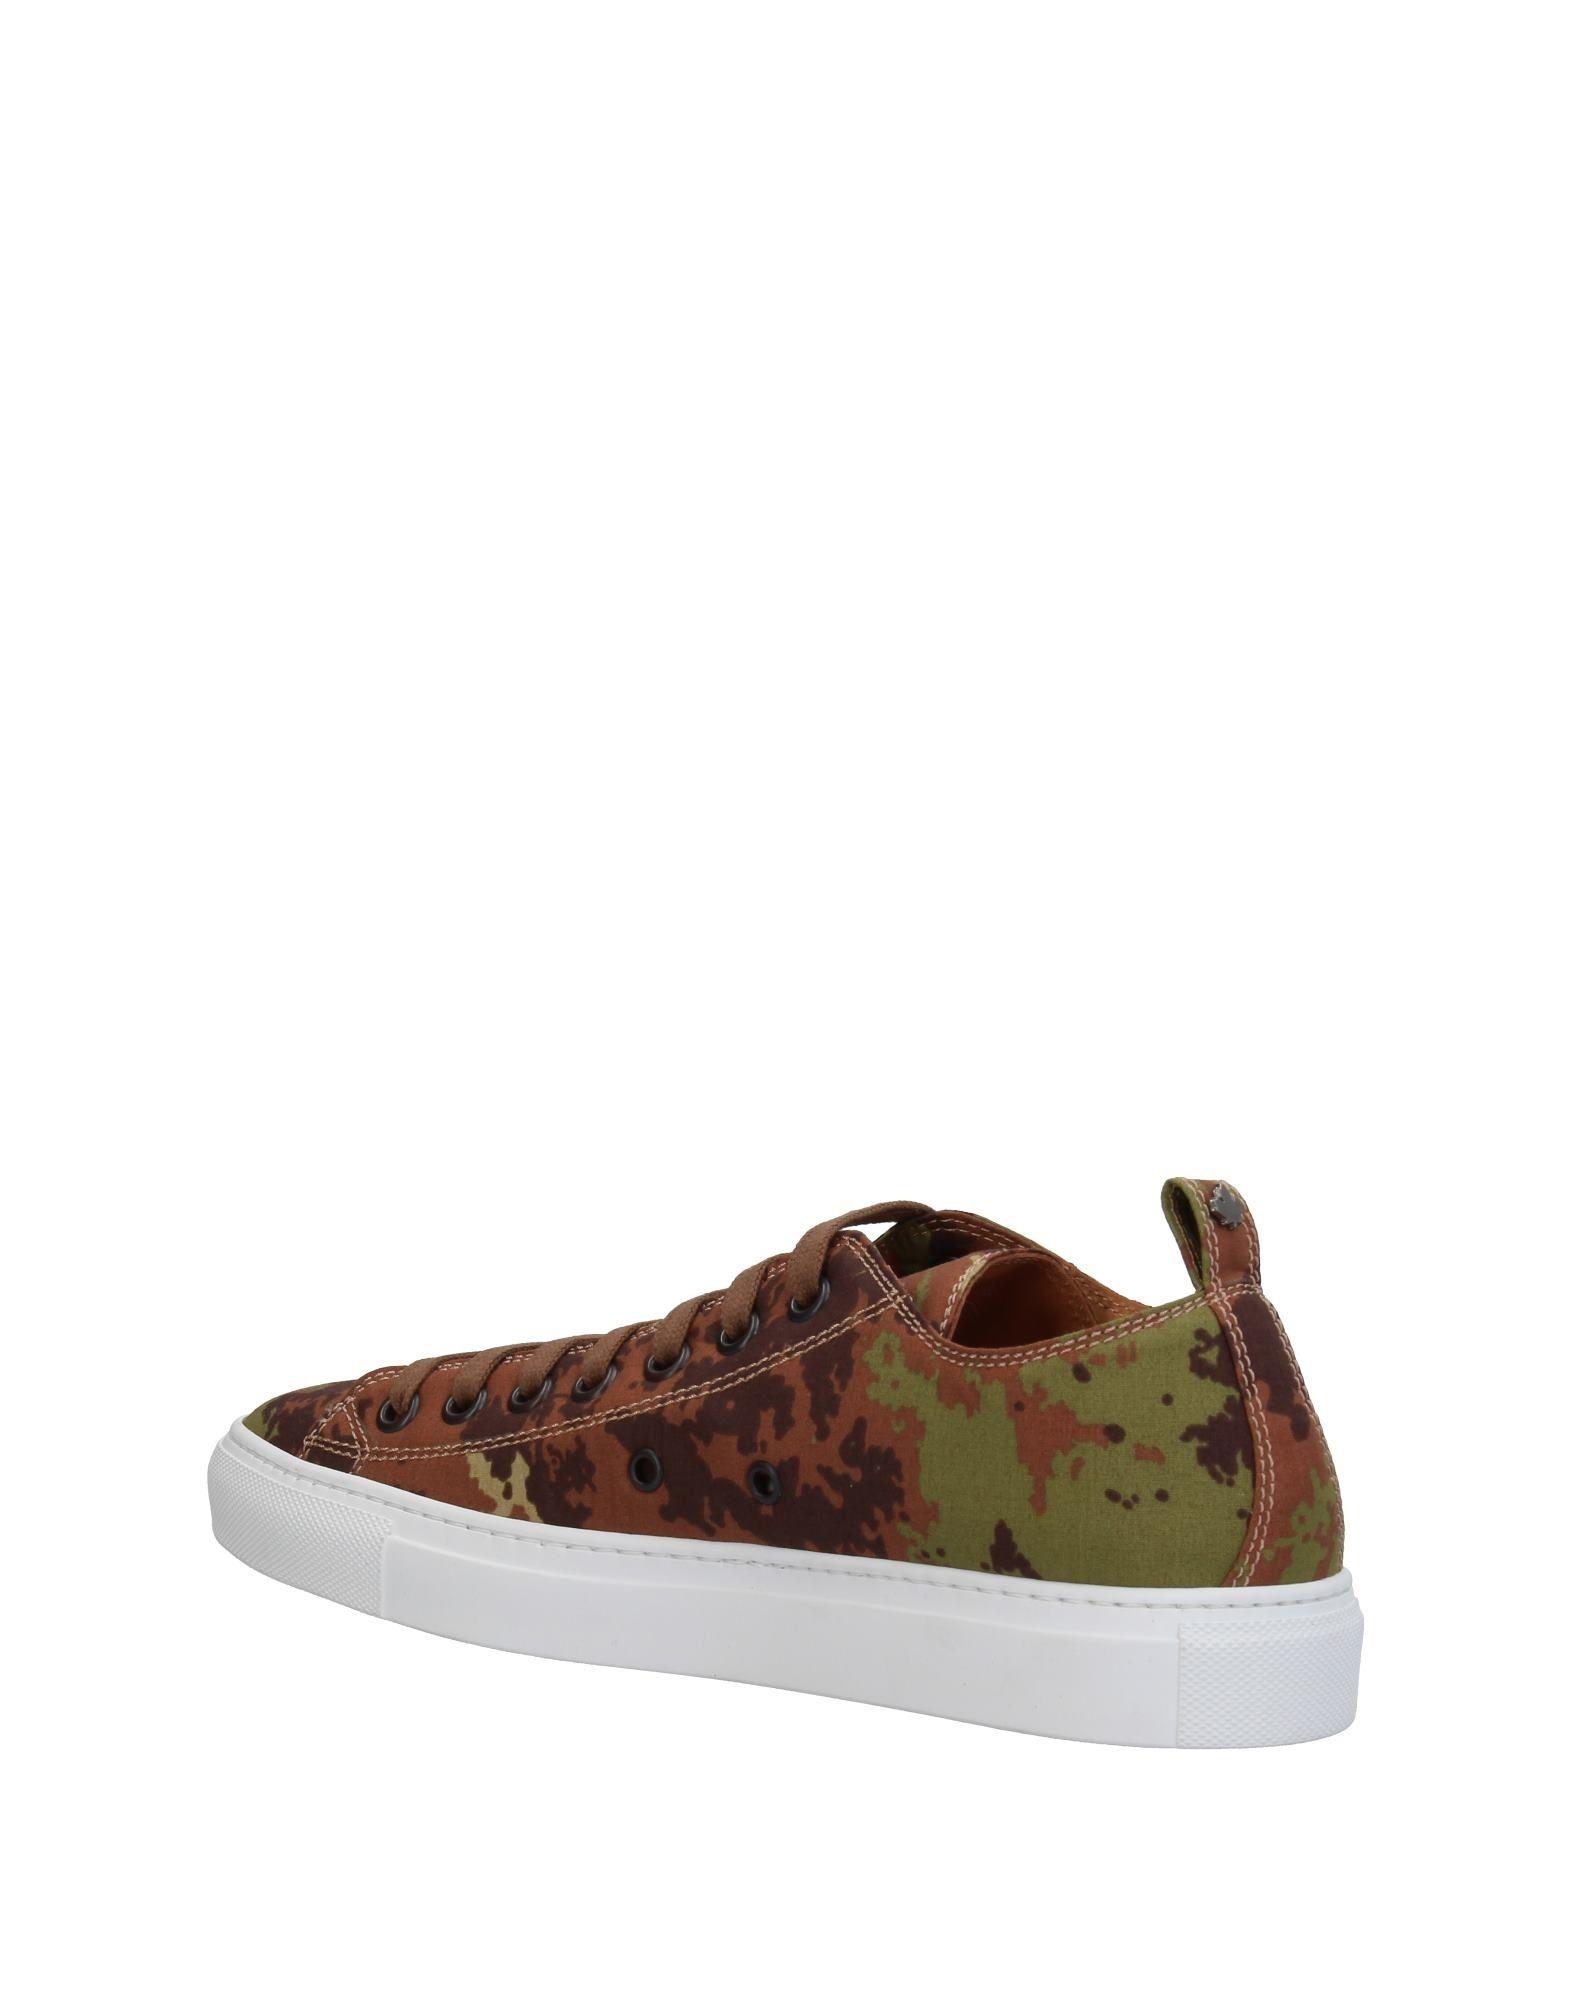 Dsquared2 Heiße Sneakers Herren  11384071UX Heiße Dsquared2 Schuhe 9c9980